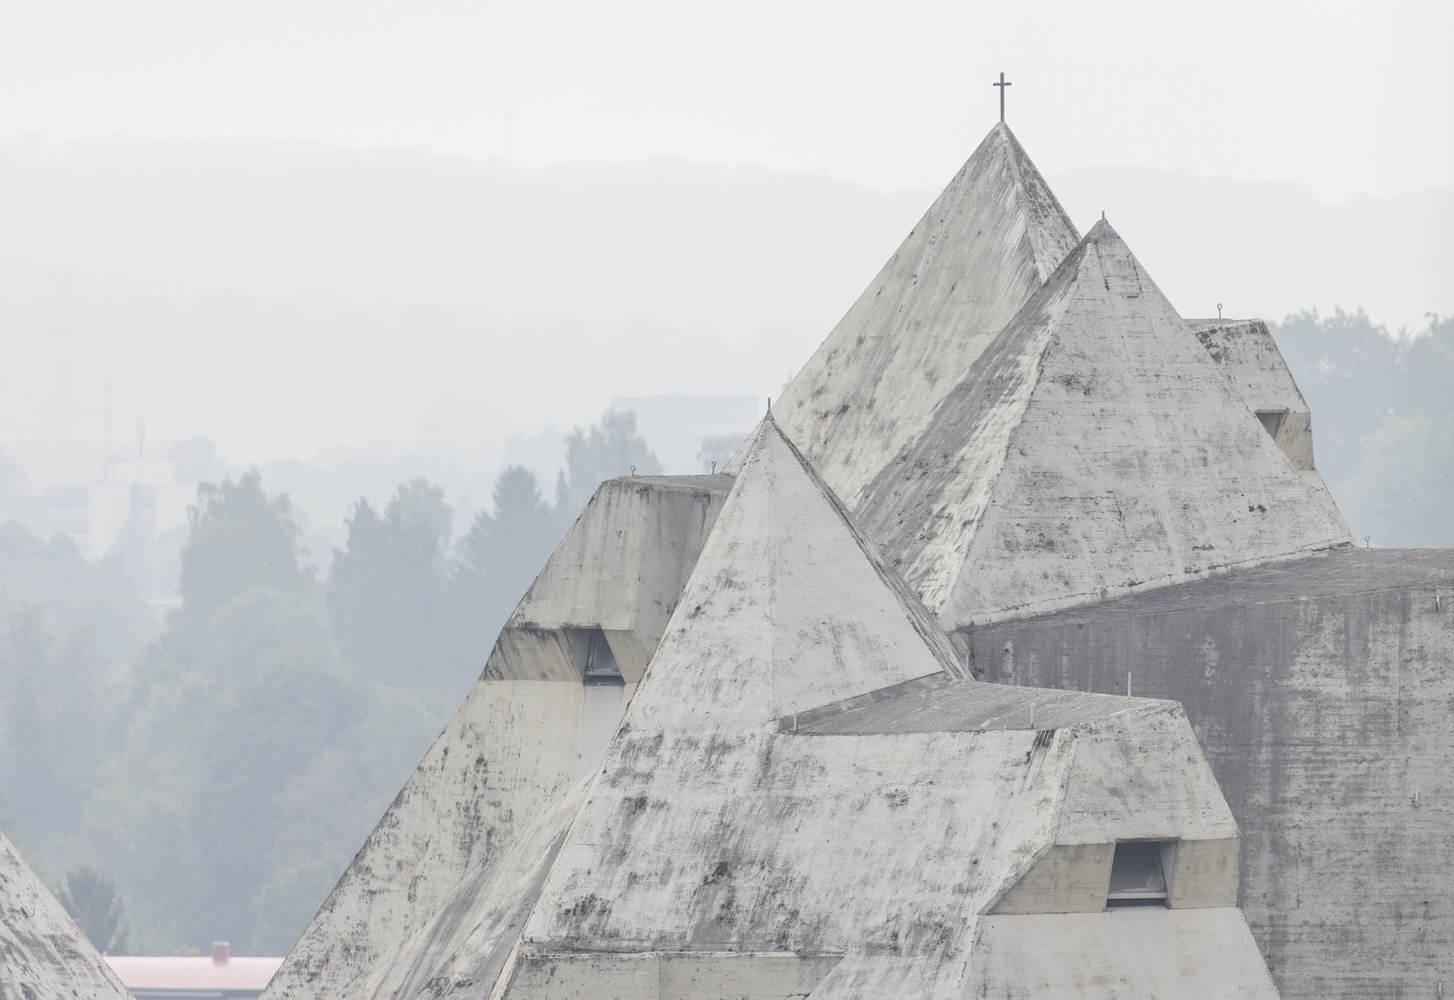 Laurian Ghinitoiu / Pilgrimage Church / Gottfried Böhm